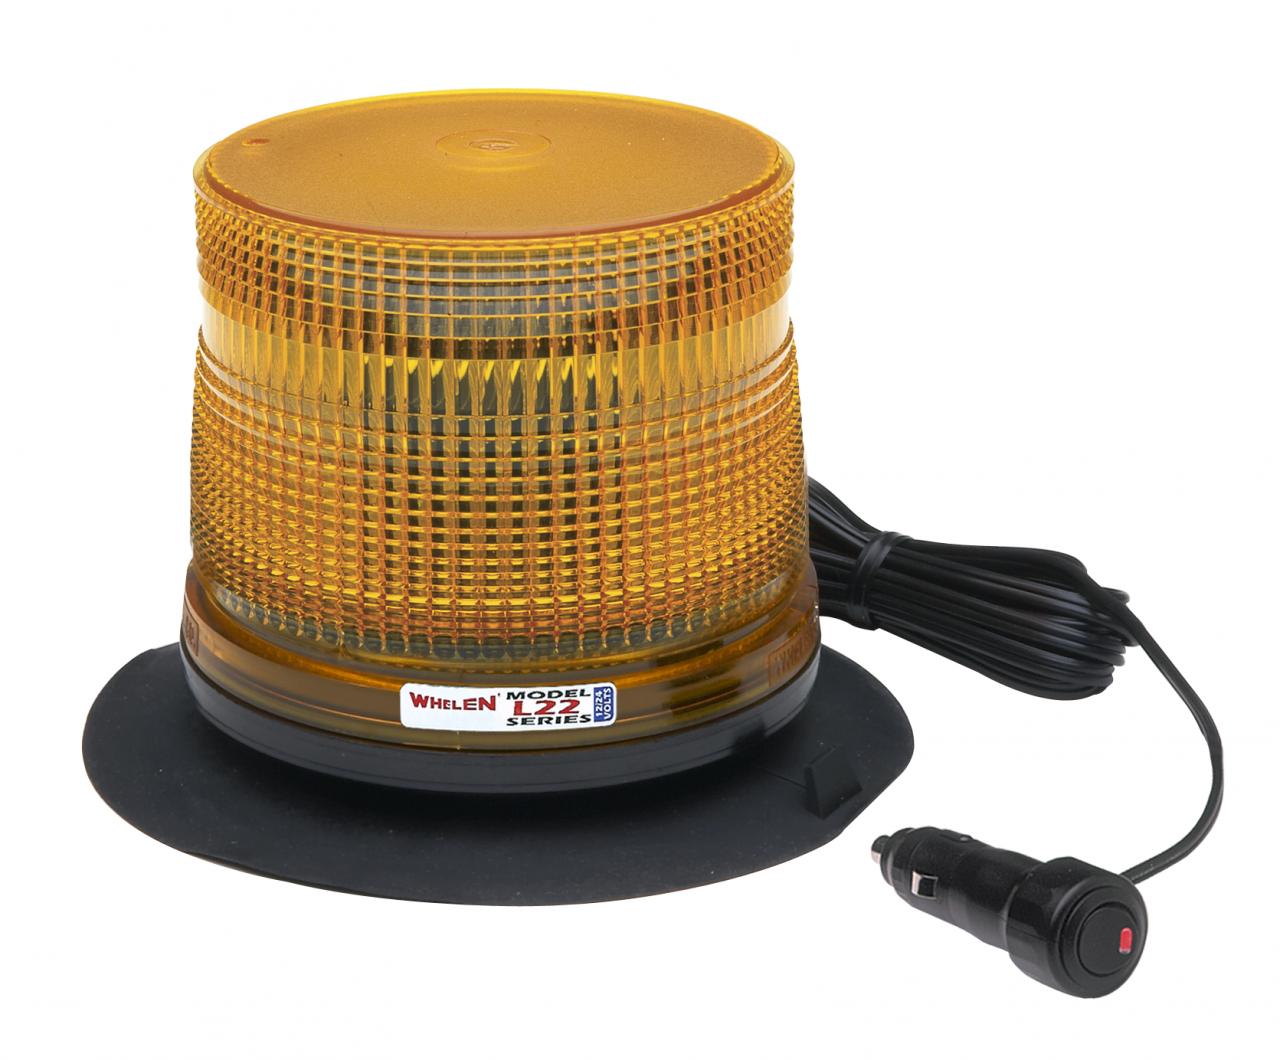 Whelen LED Beacon Light L22